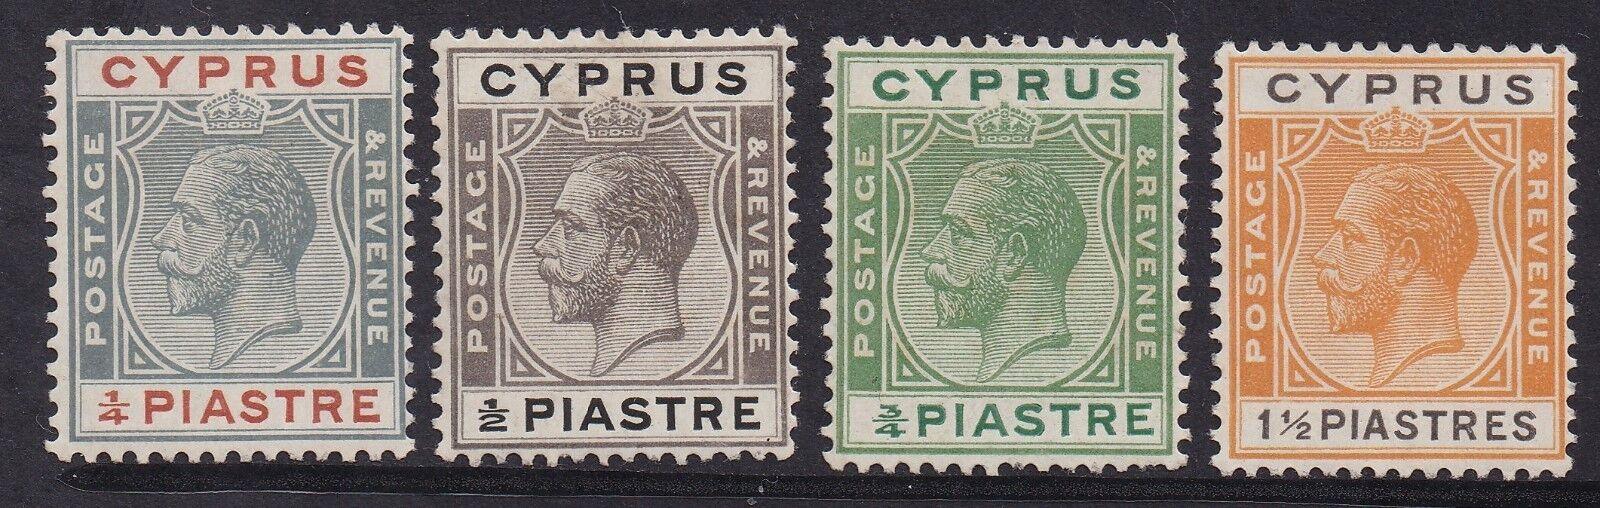 CYPRUS 1924 KGV 1/4PI 1/2PI 3/4PI AND 11/2PI